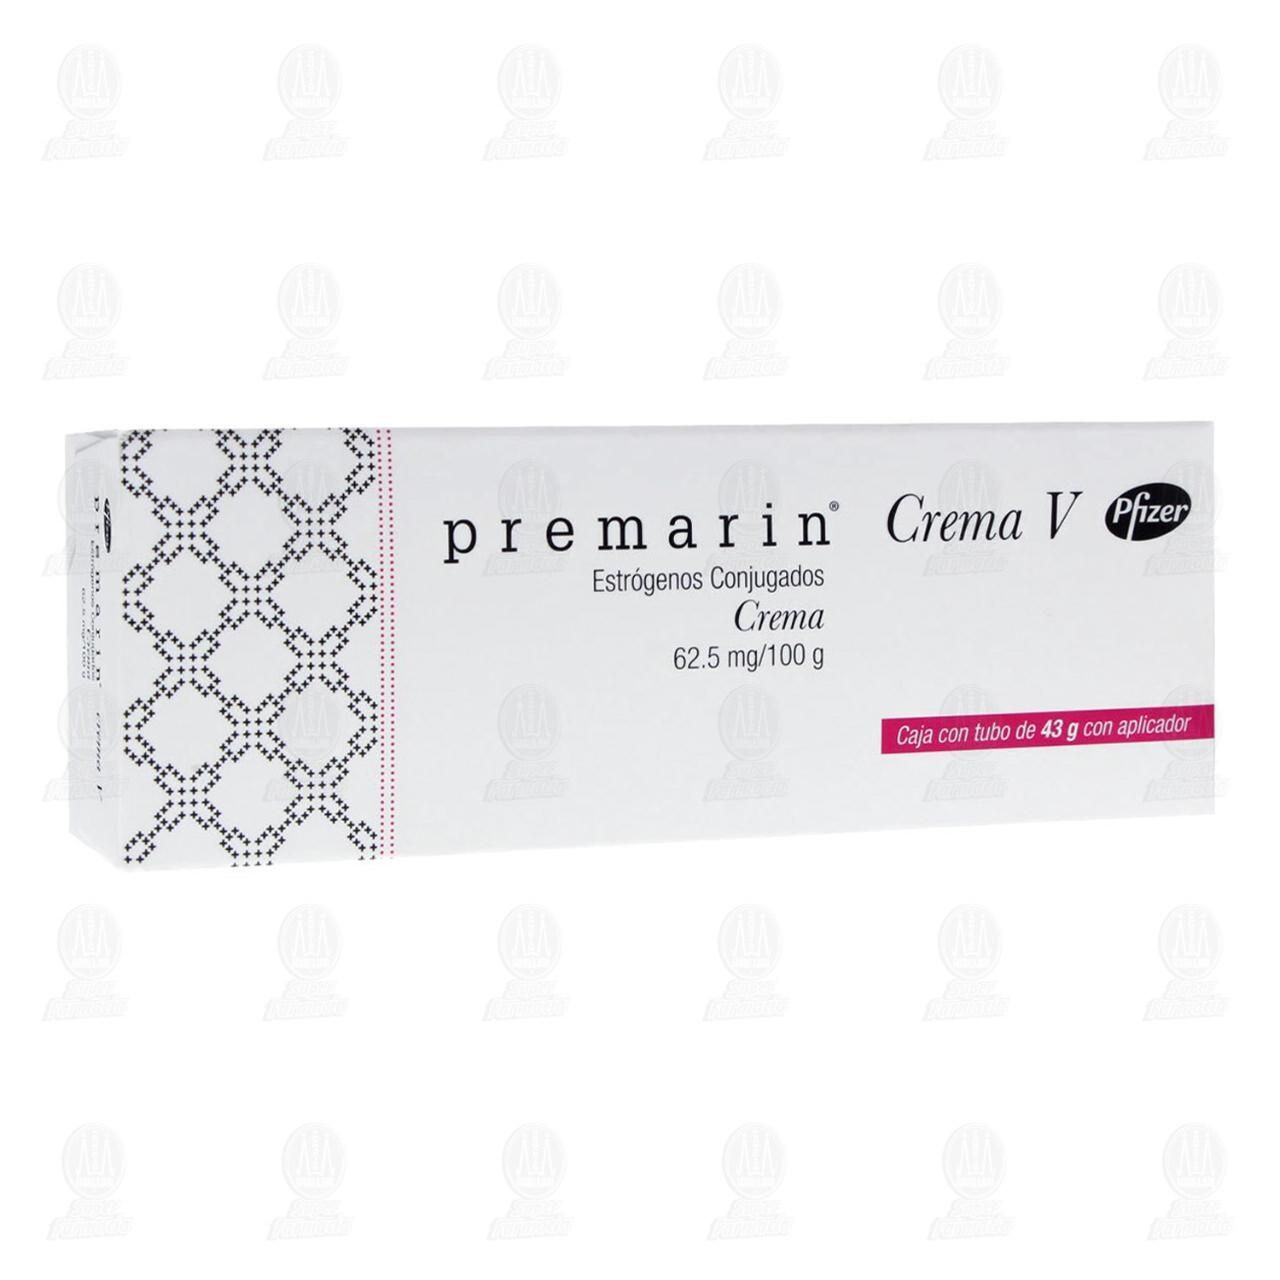 Comprar Premarin V 43gr Crema Tubo con Aplicador en Farmacias Guadalajara